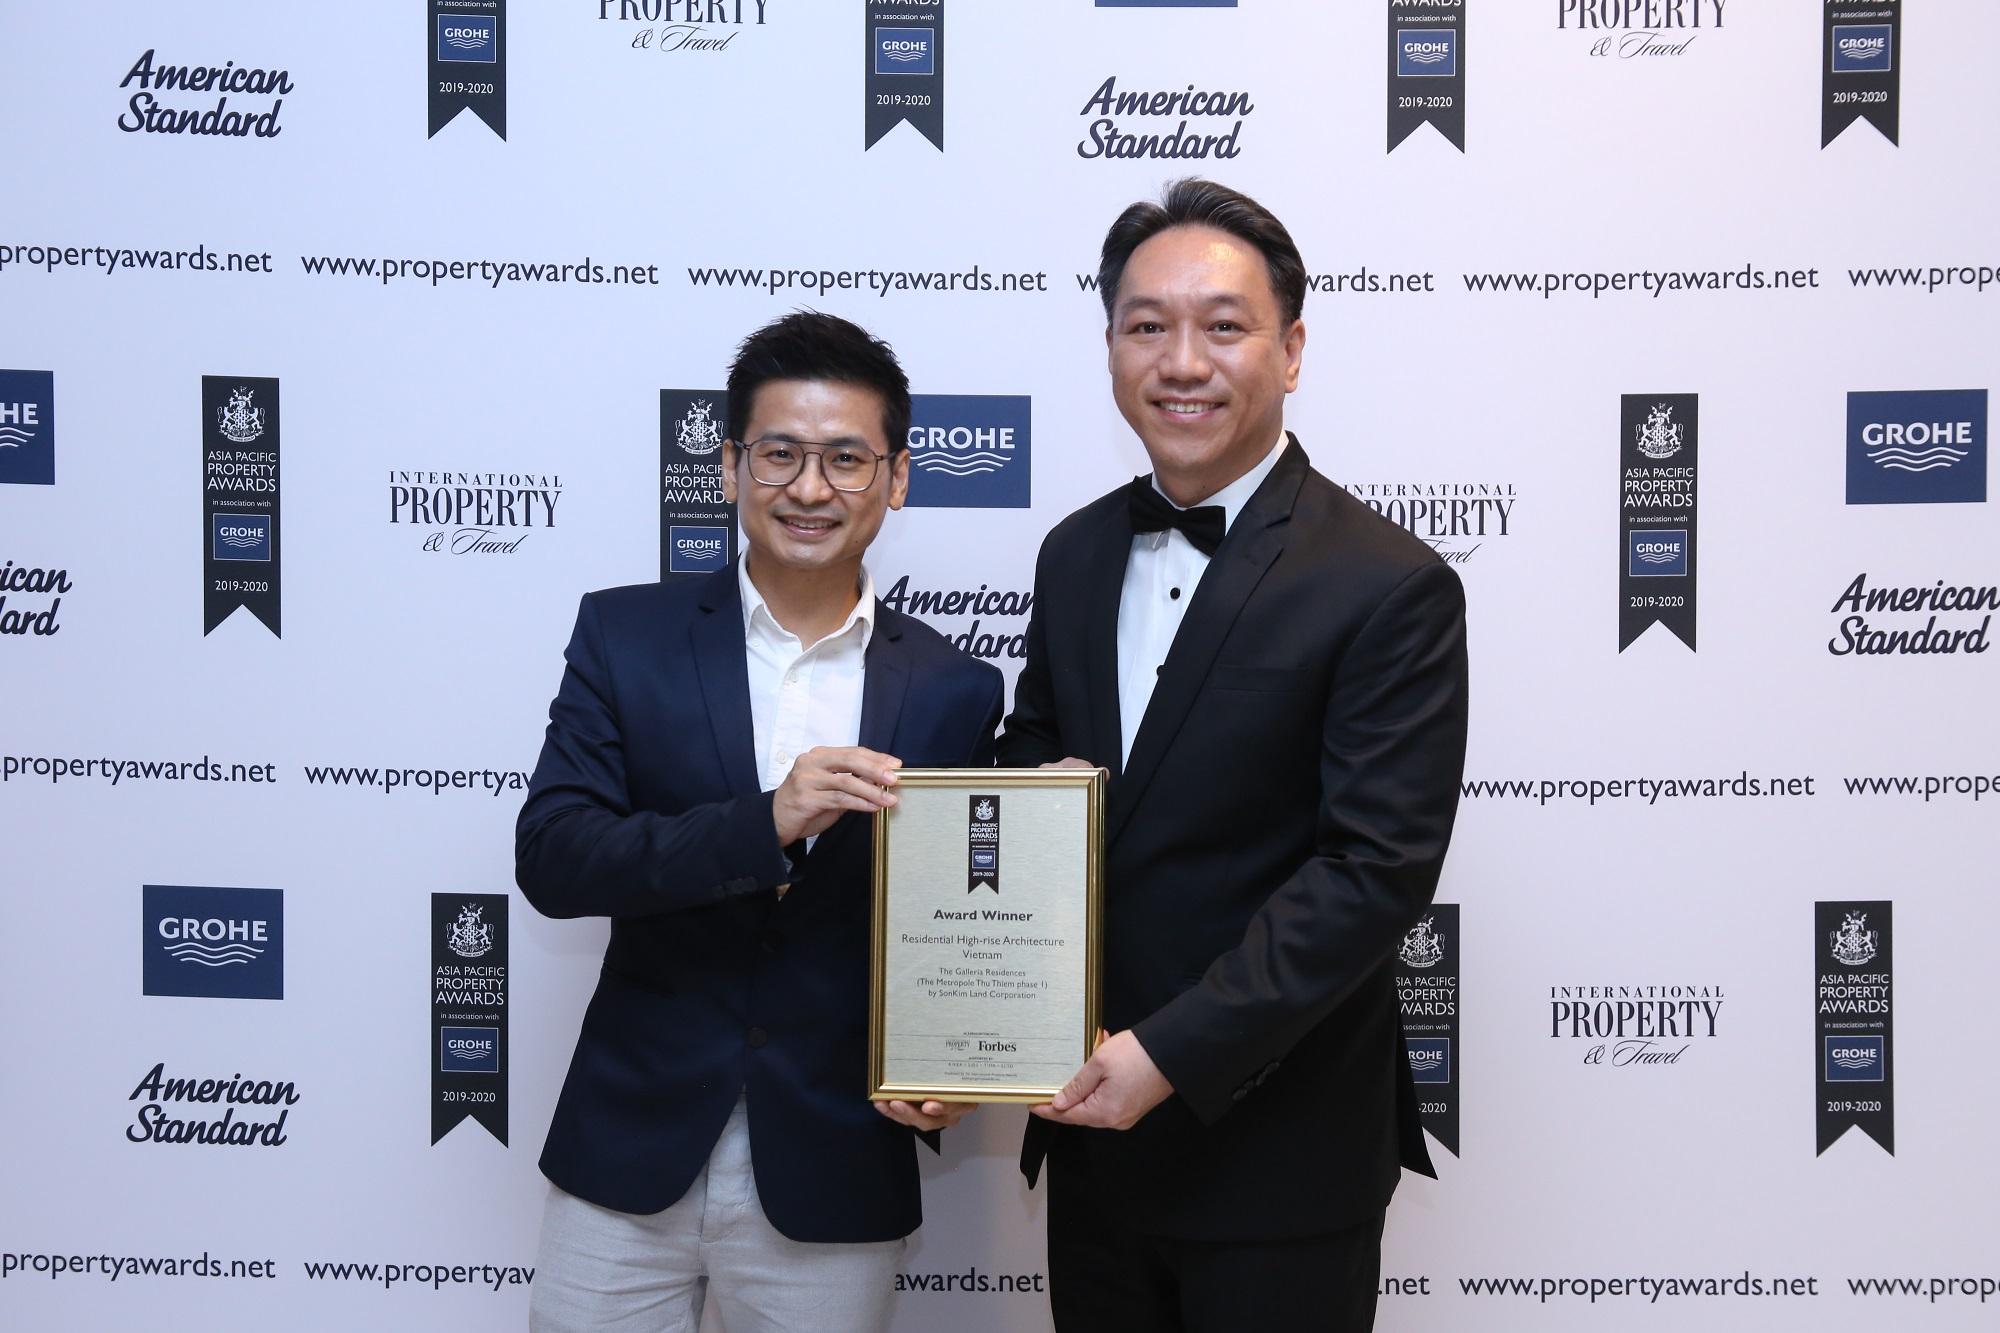 SonKim Land đạt 2 giải thưởng tại Lễ trao giải Bất động sản Châu Á Thái Bình Dương 2019 với dự án The Galleria Residence